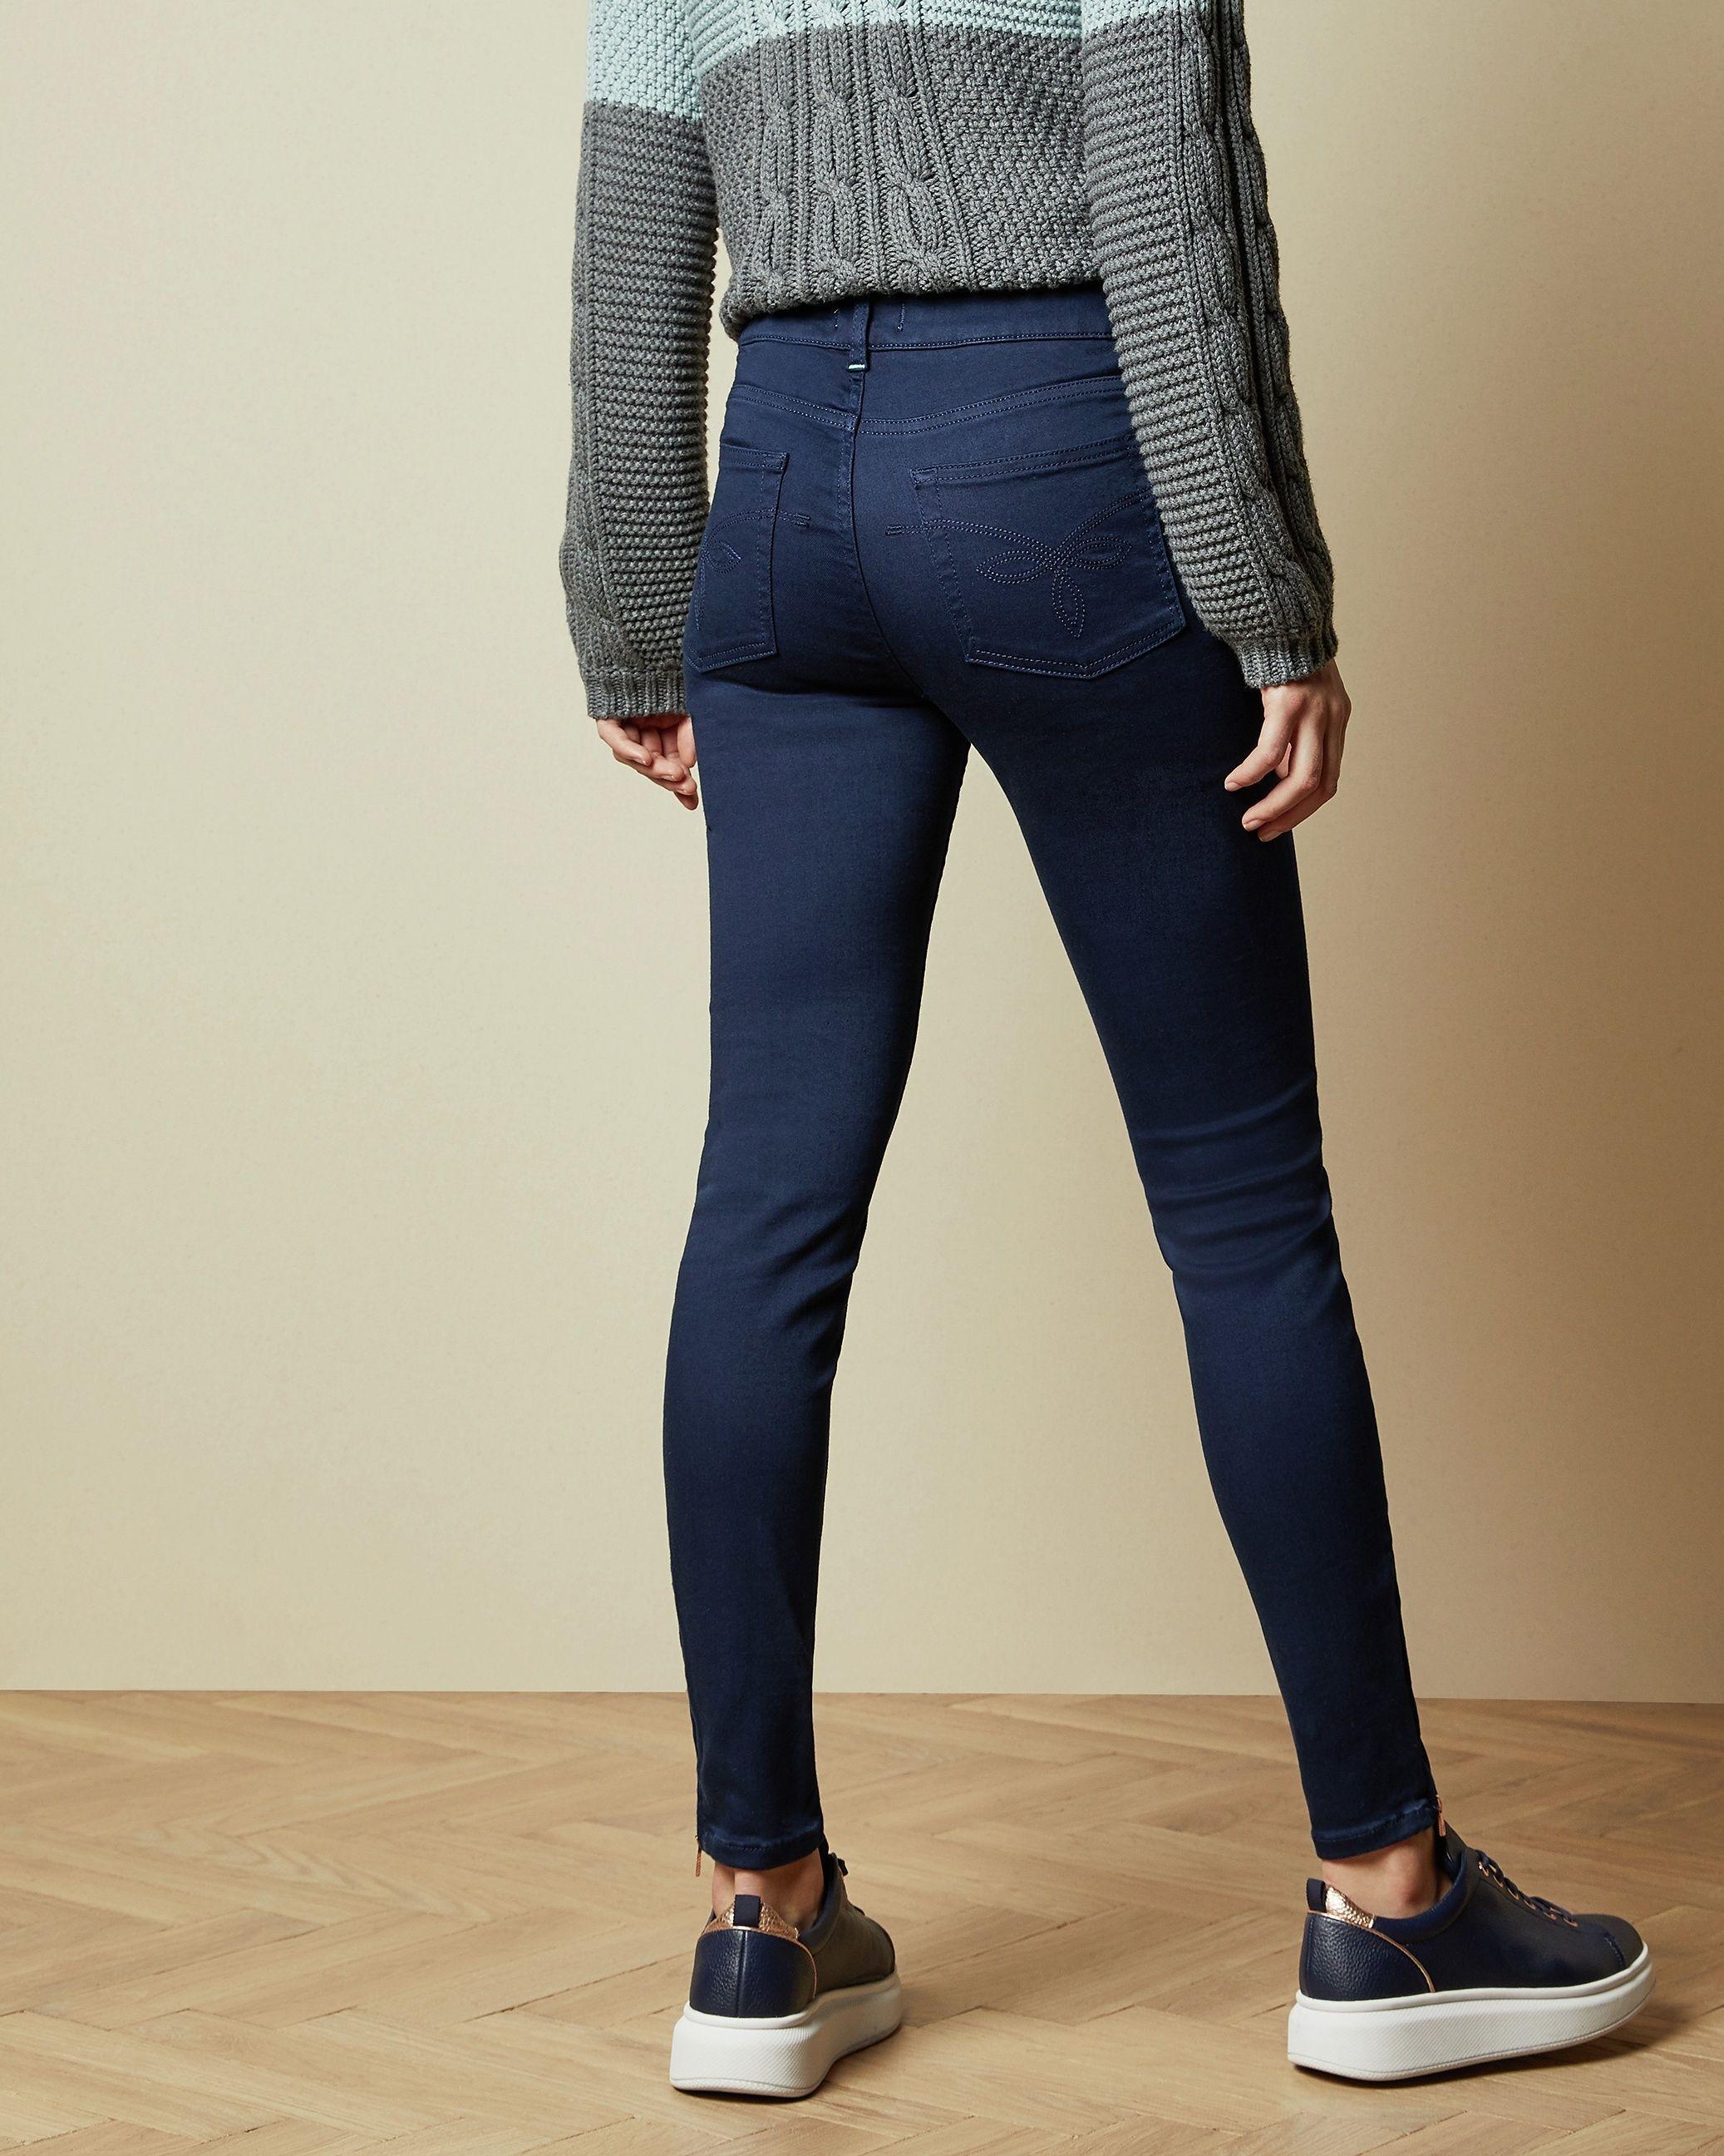 Ted Baker Dariaas Super Skinny Rinse Wash Jeans in Navy